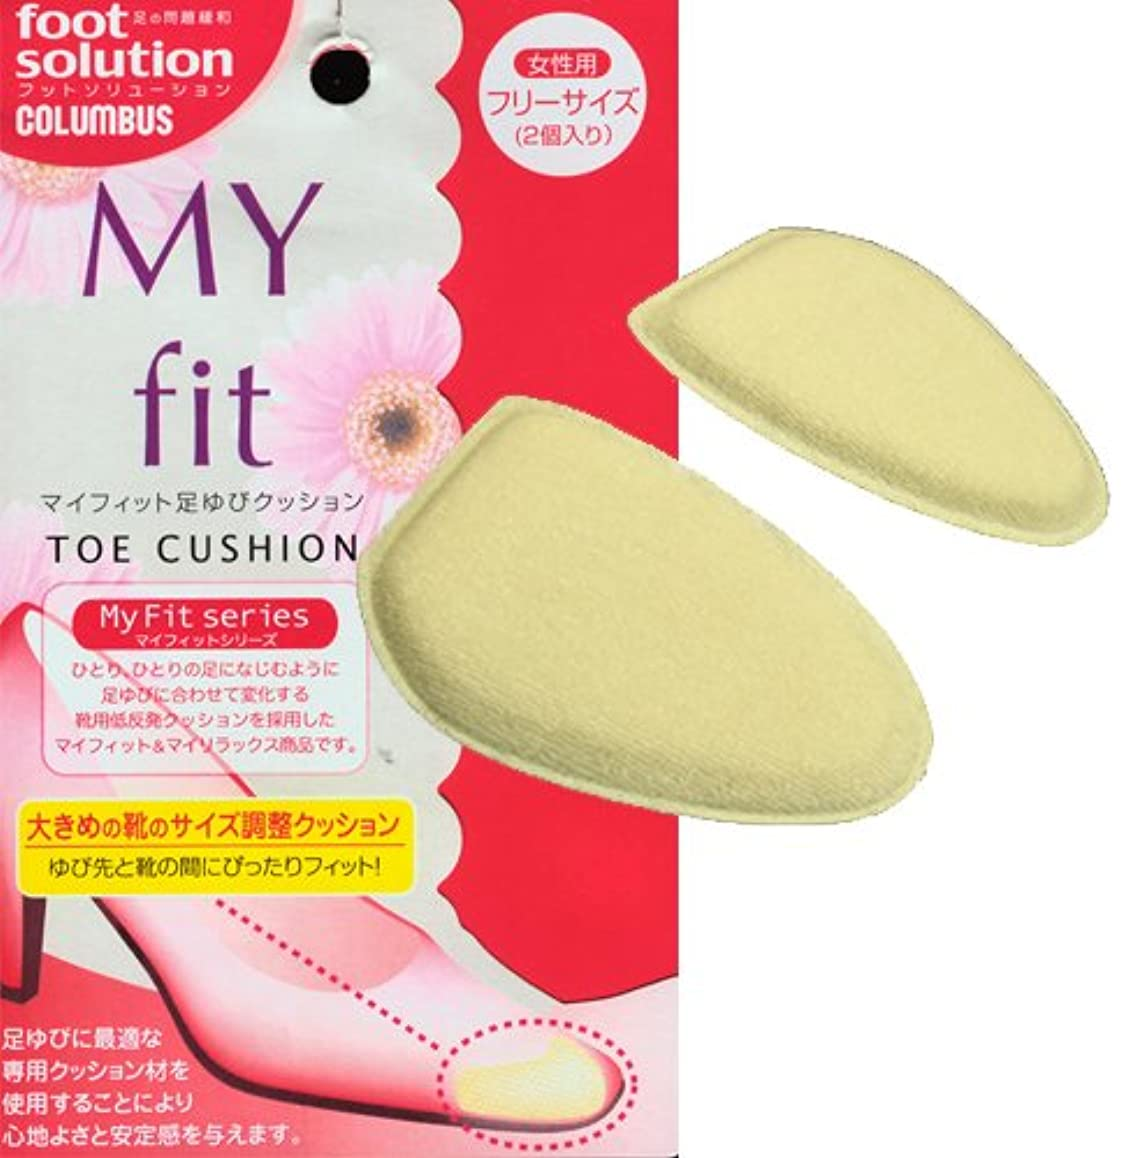 傾いたポーク鎮静剤コロンブス フットソリューション マイフィットハーフインソール 女性用